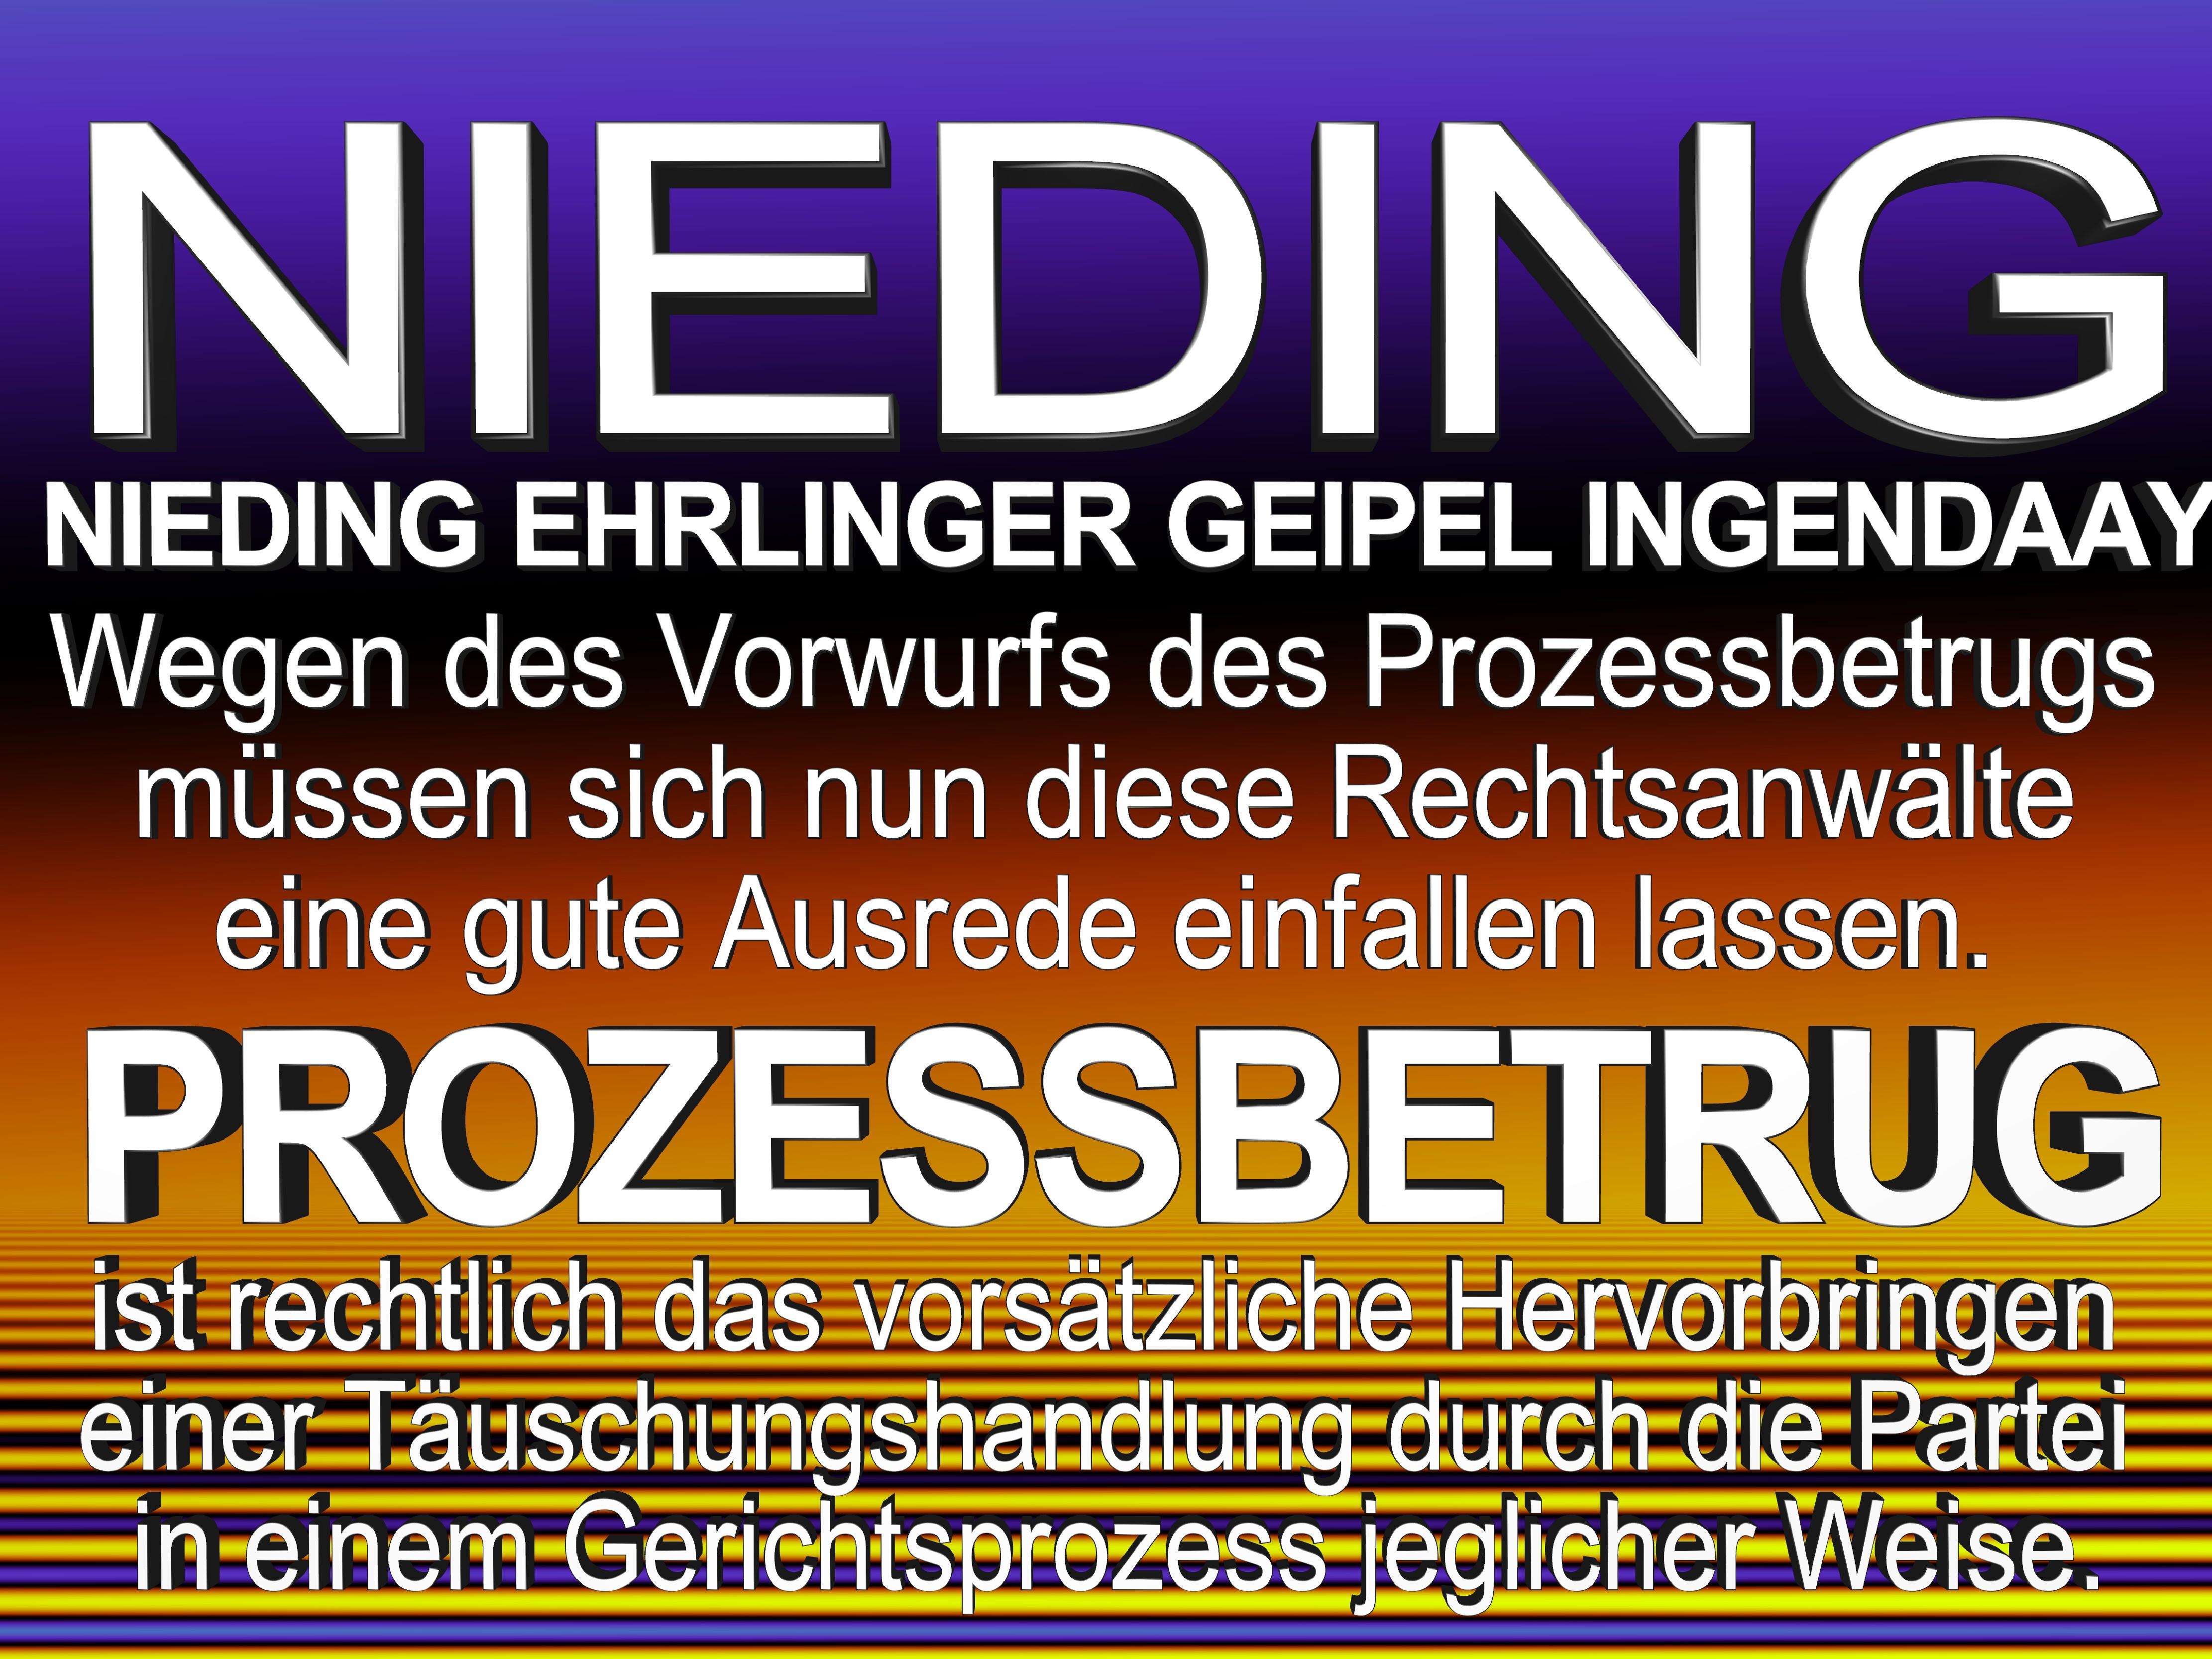 NIEDING EHRLINGER GEIPEL INGENDAAY LELKE Kurfürstendamm 66 Berlin (151)